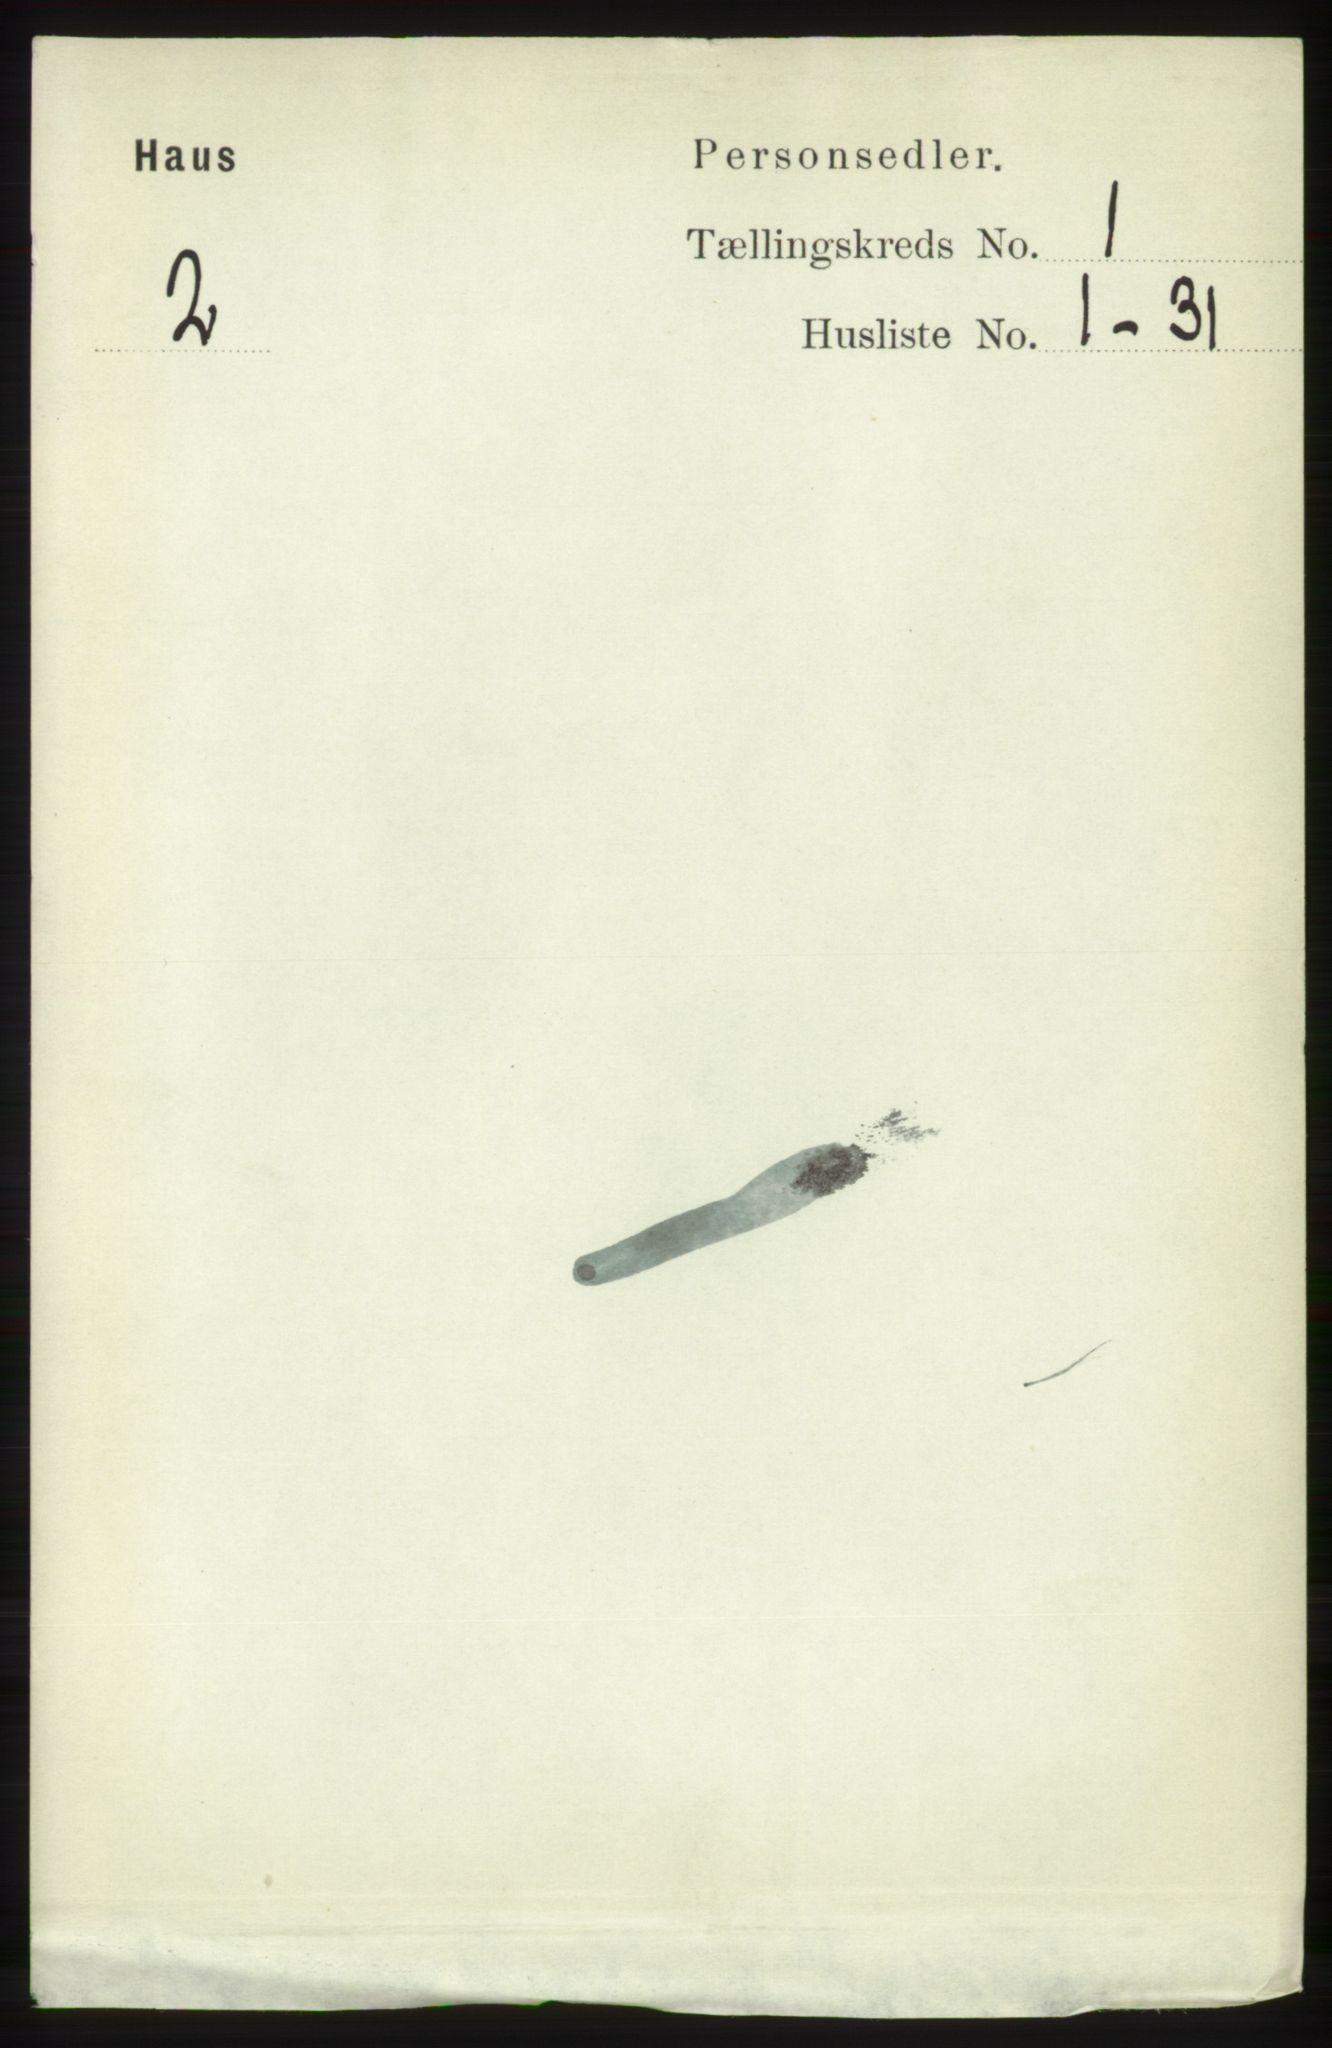 RA, Folketelling 1891 for 1250 Haus herred, 1891, s. 98